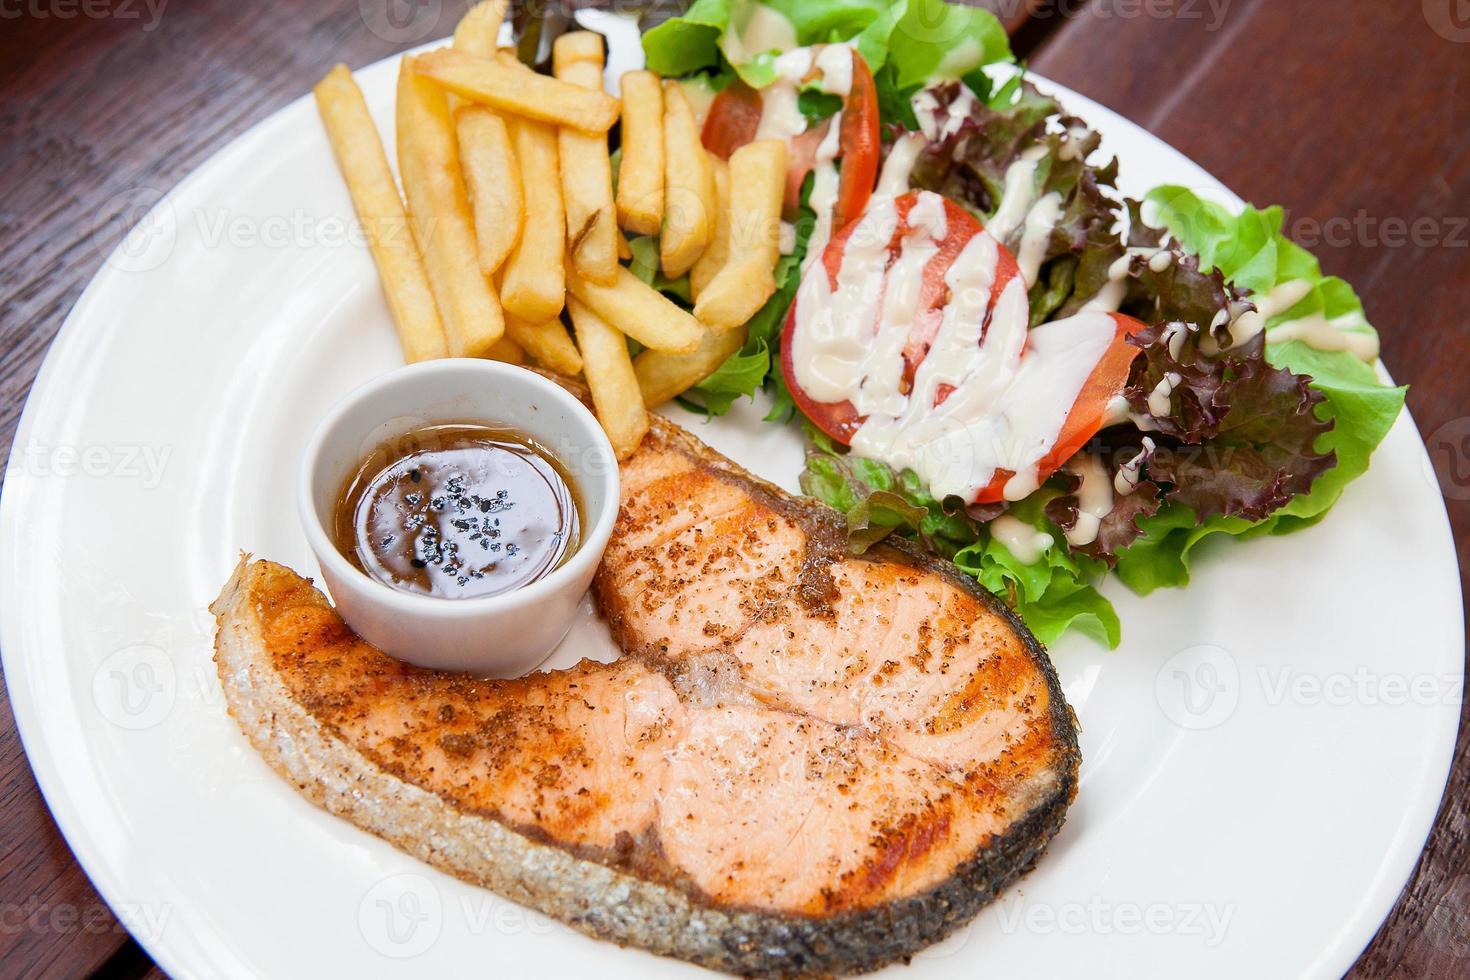 zalm steak met salade en frietjes. foto